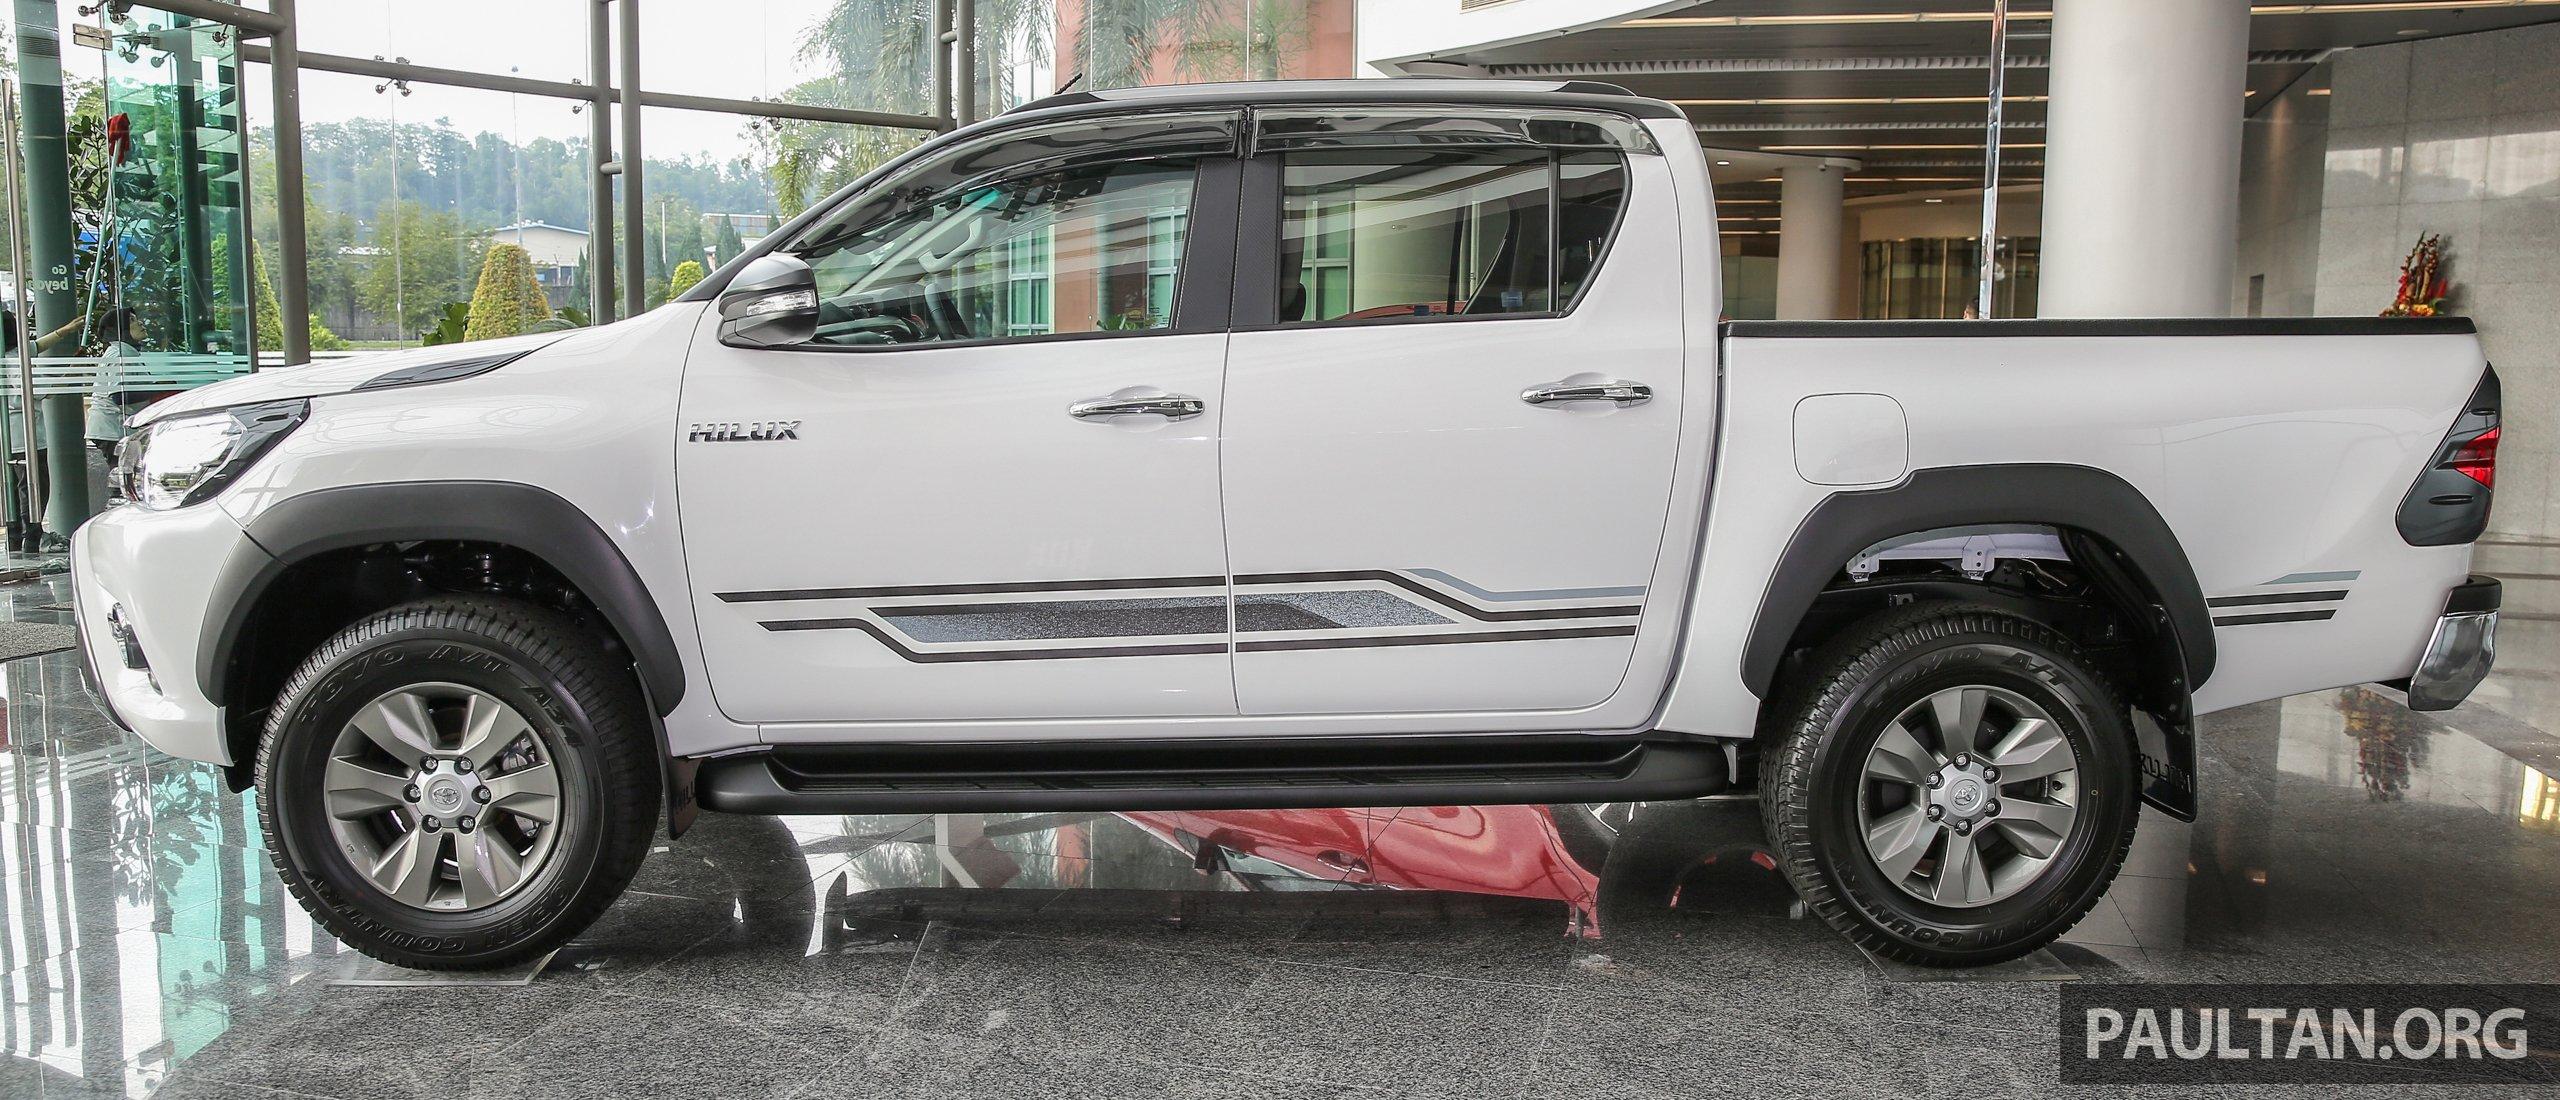 GALERI: Toyota Hilux 2.4G Edisi Terhad lebih bergaya Image 618026